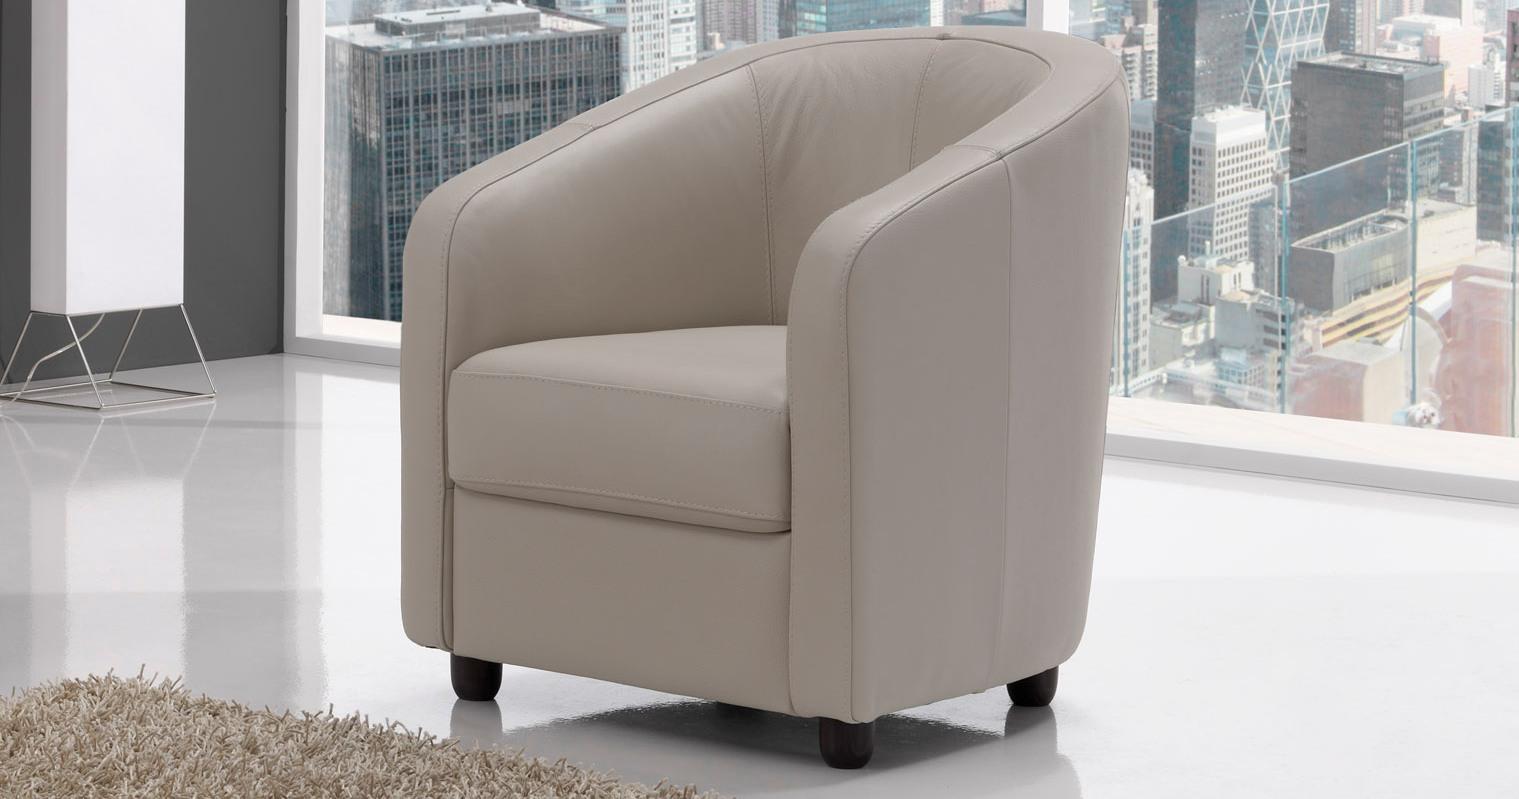 petit fauteuil cabriolet maison design. Black Bedroom Furniture Sets. Home Design Ideas